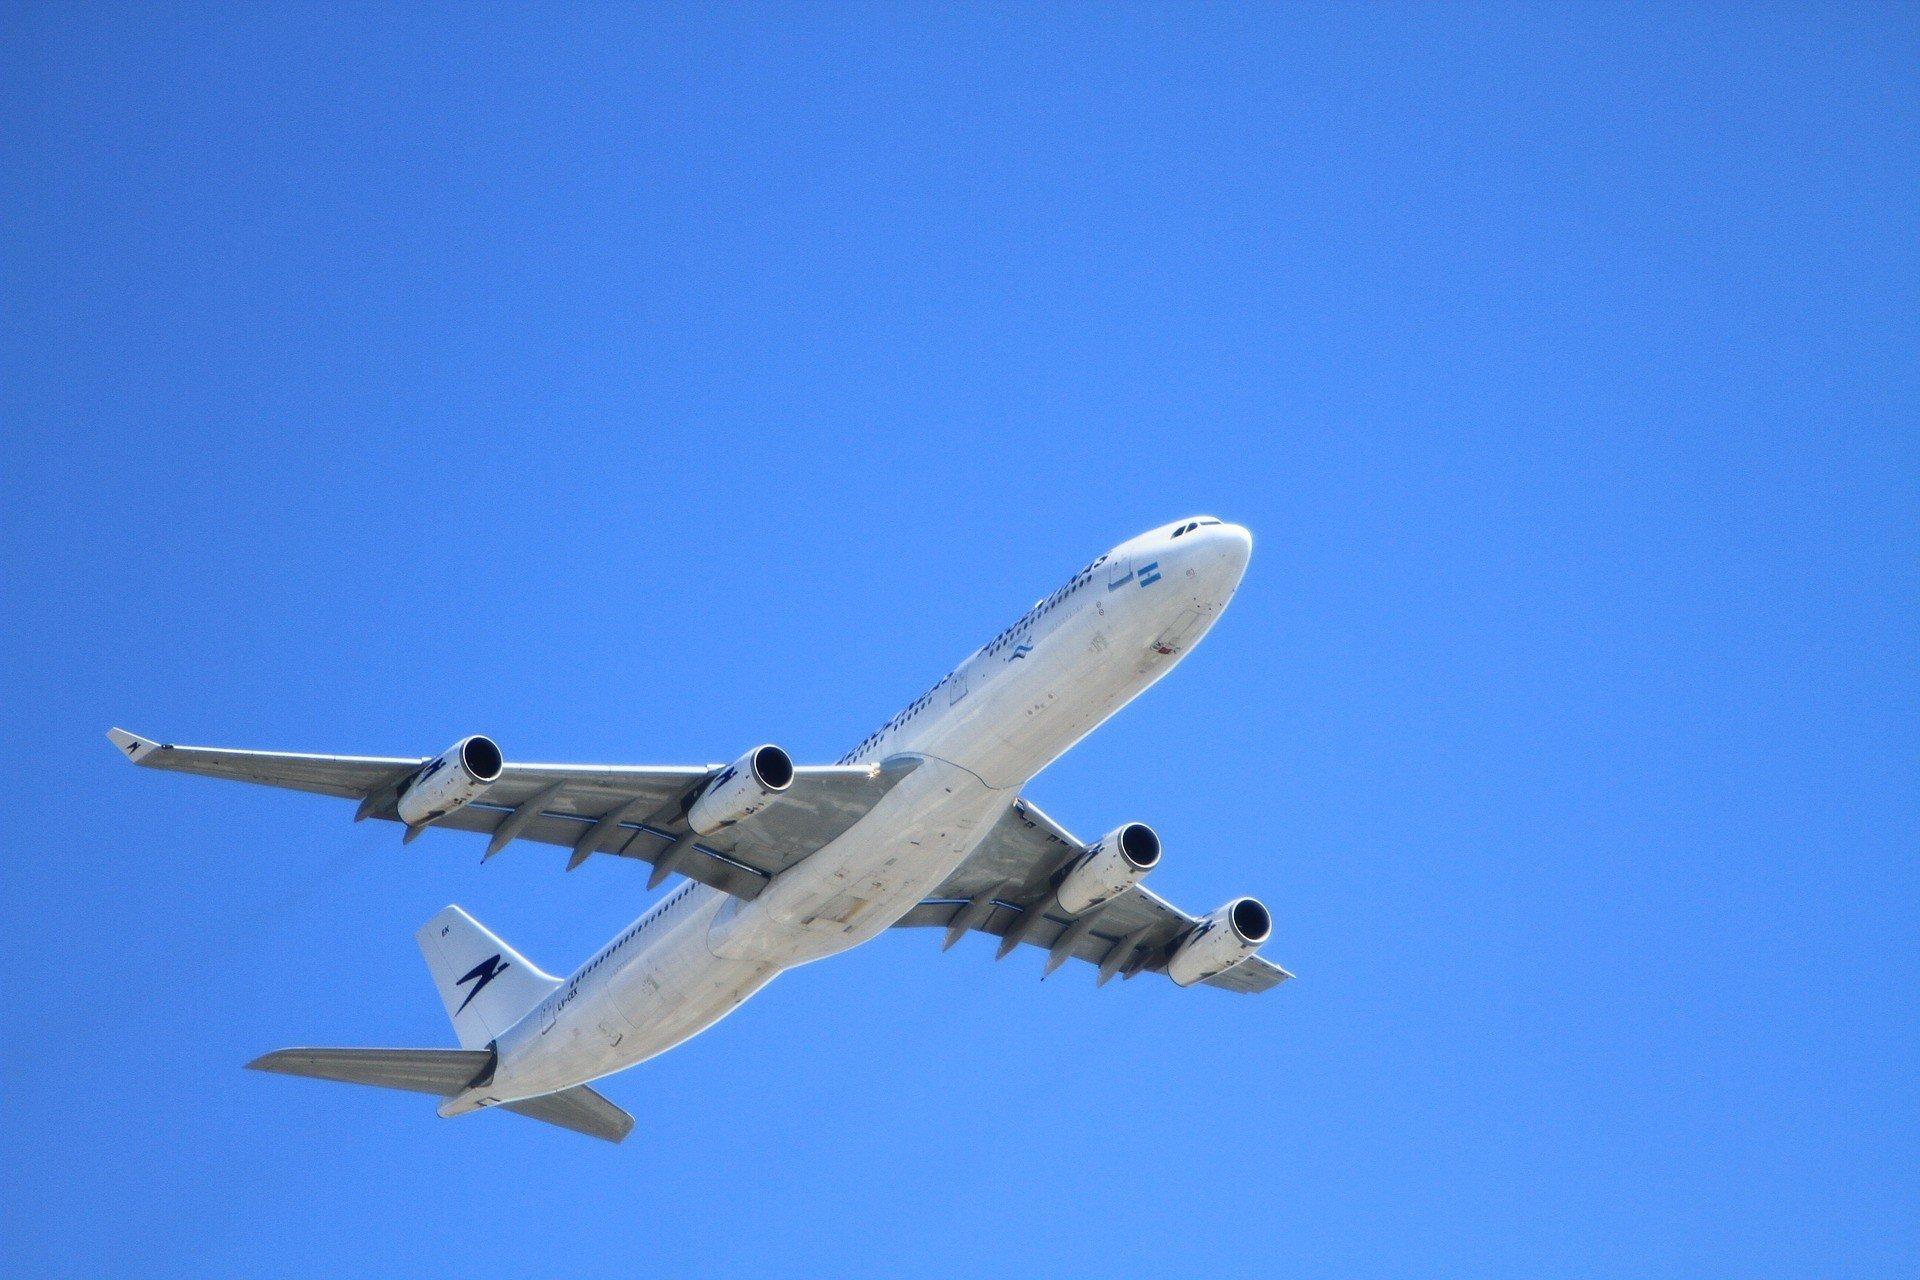 Как летают частные самолеты в условиях пандемии